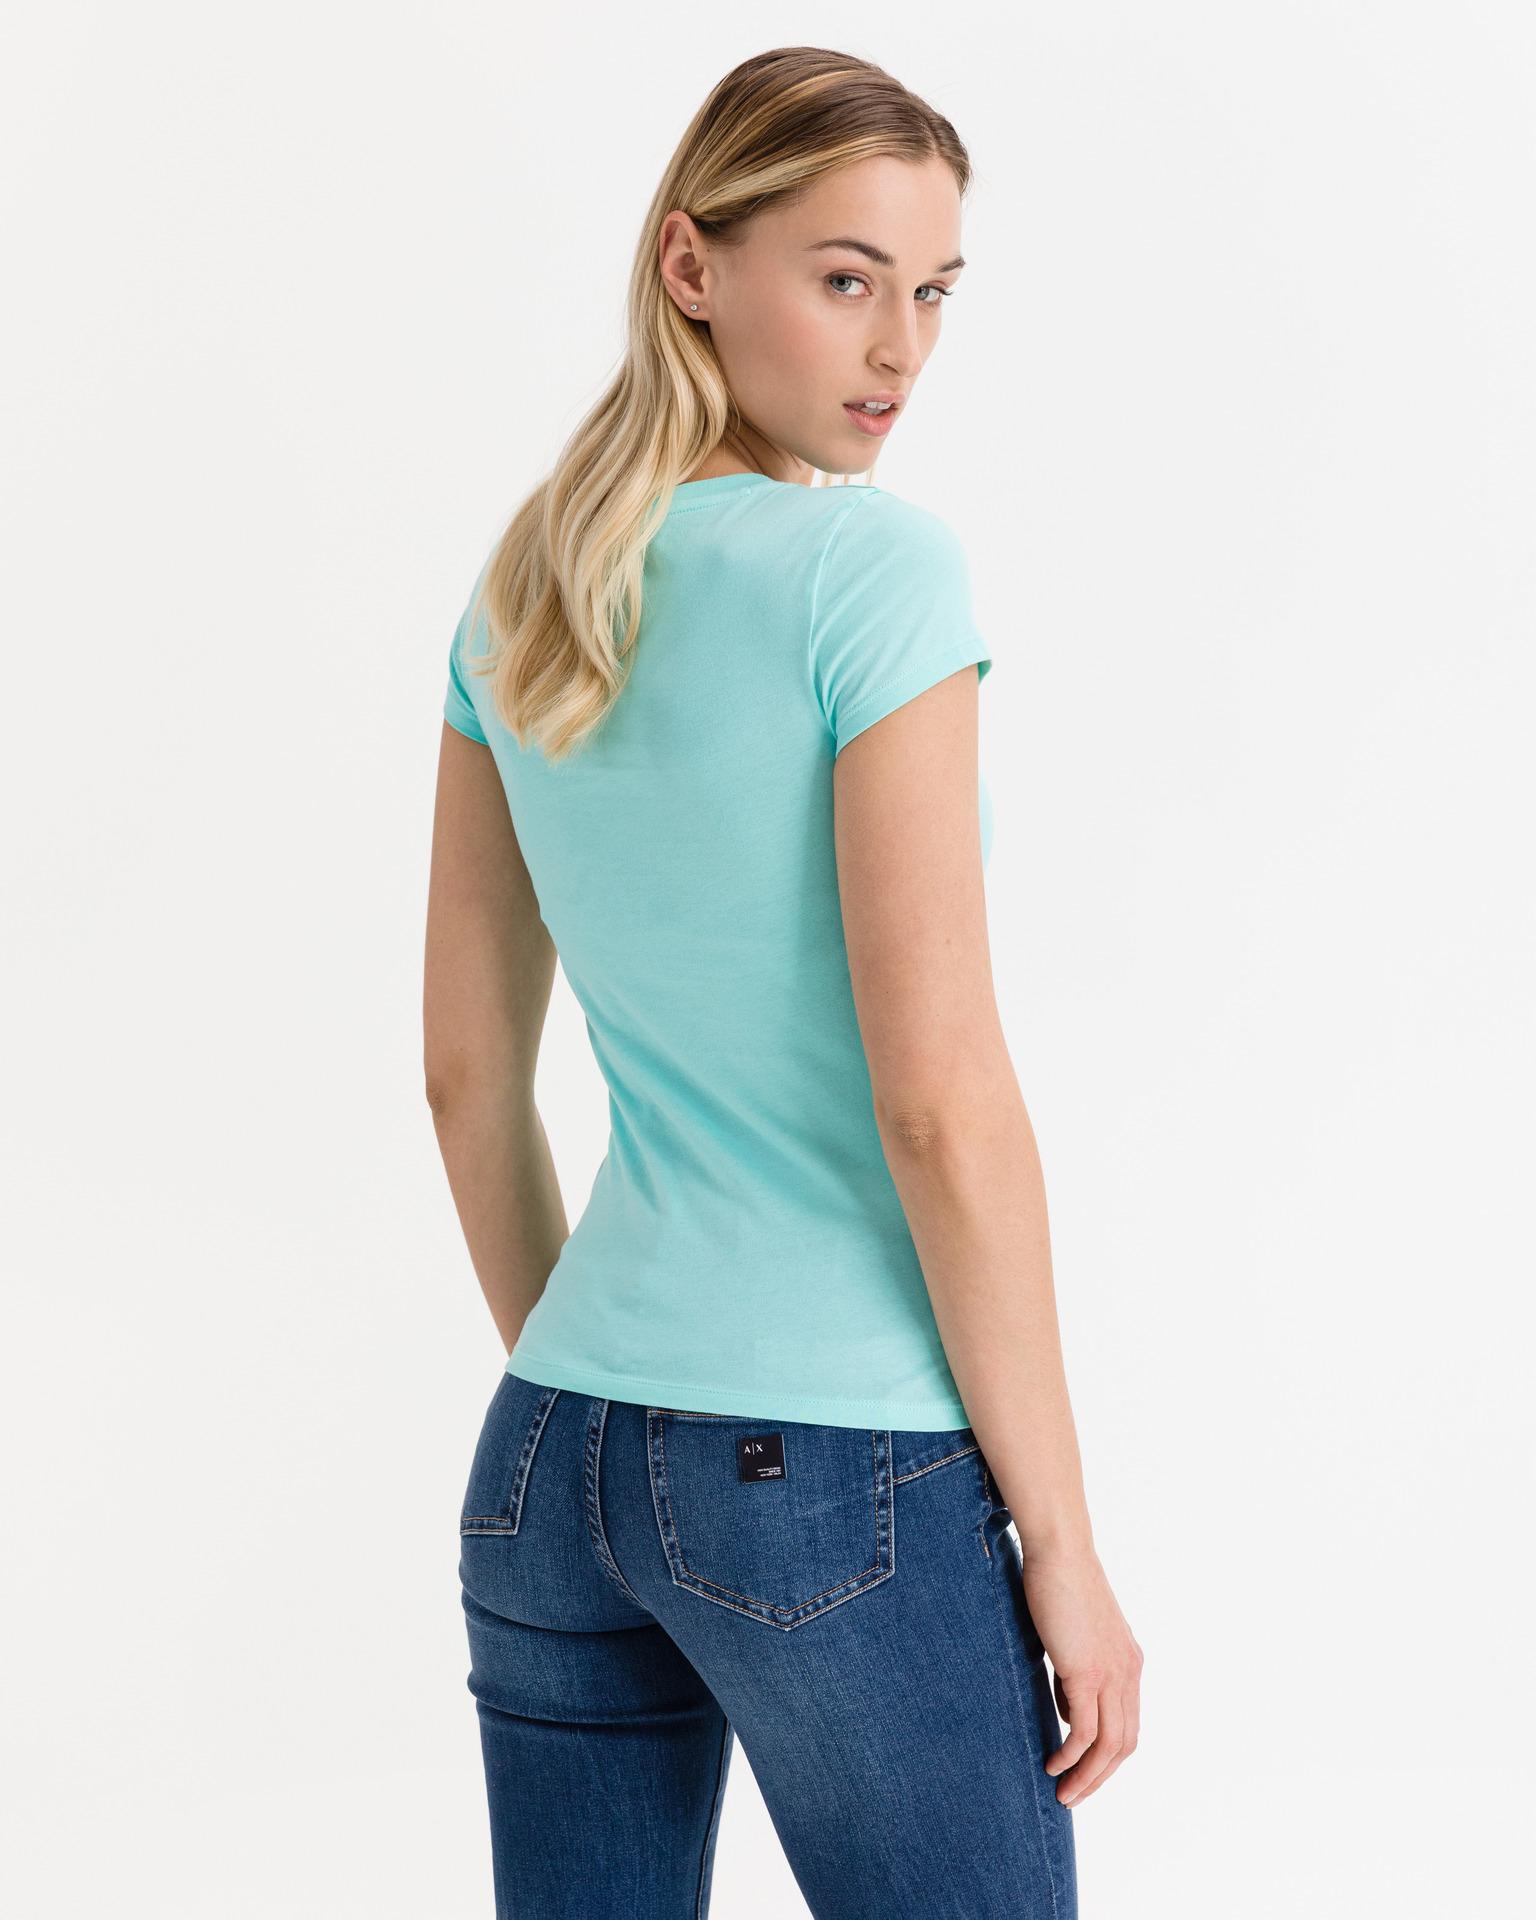 Armani Exchange niebieski damska koszulka